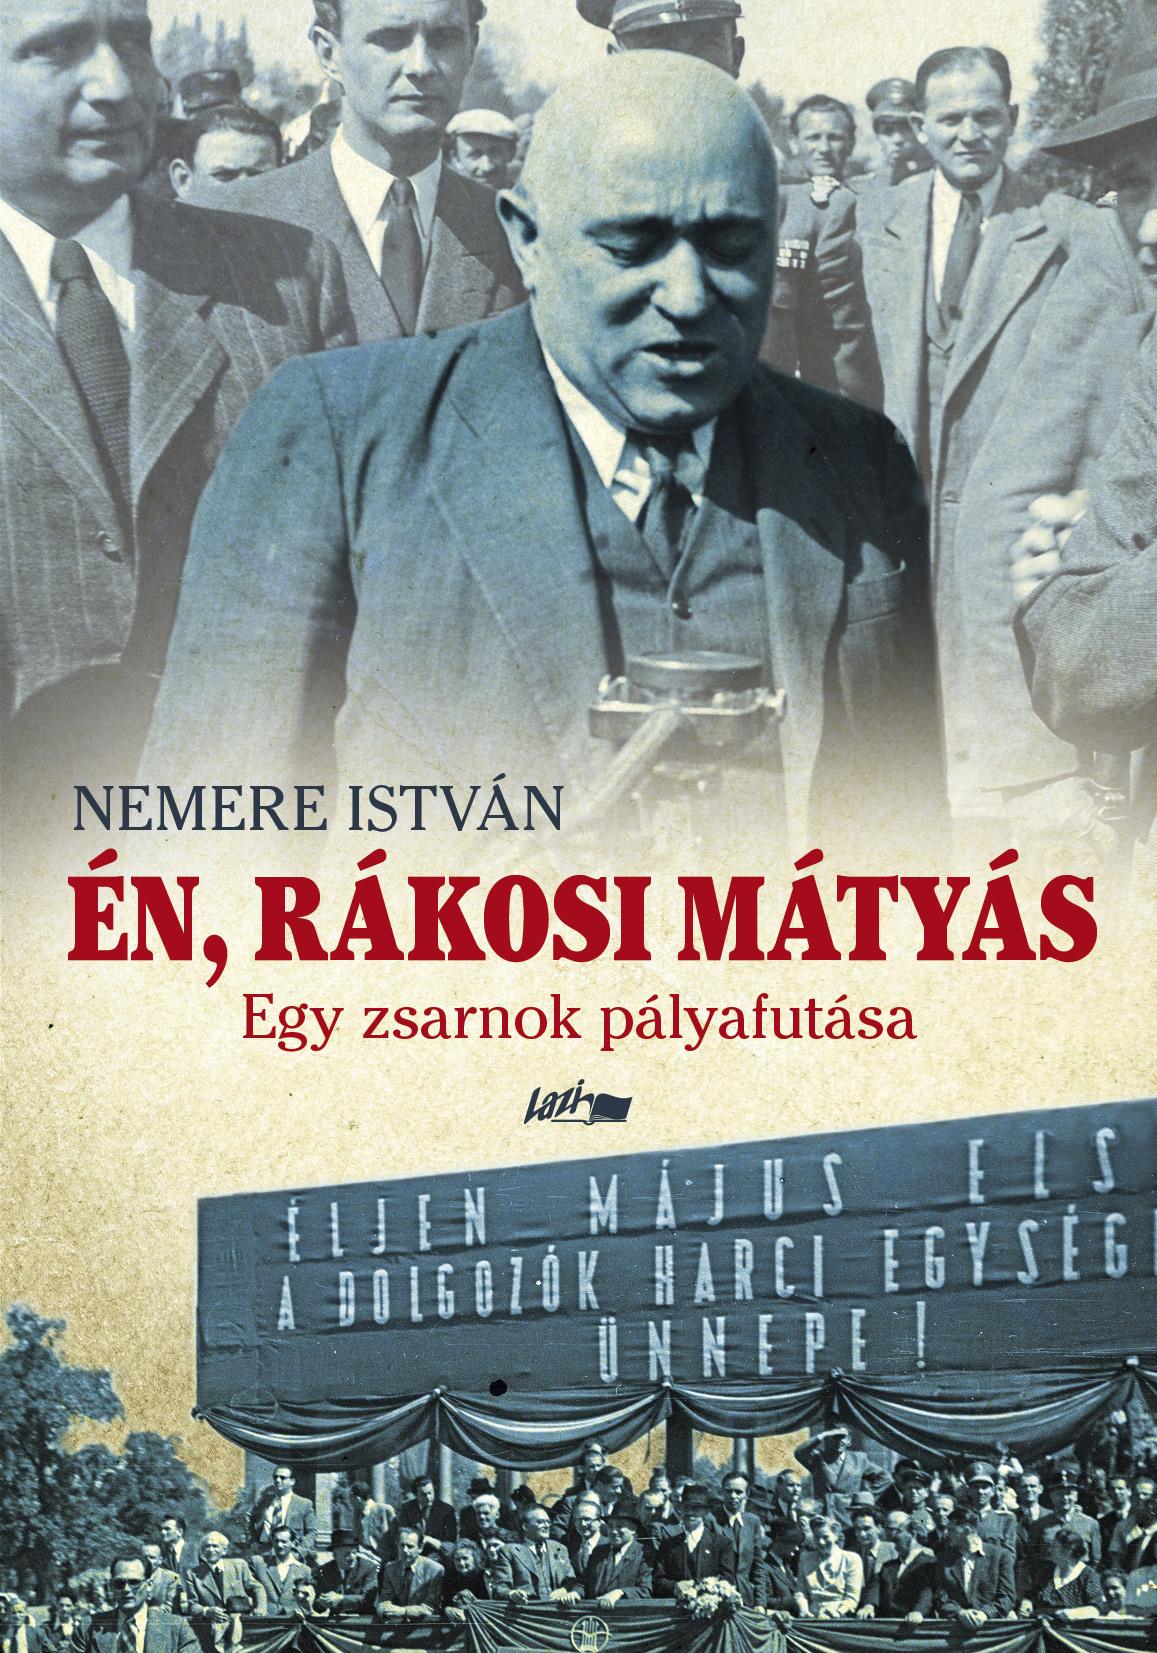 Én, Rákosi Mátyás